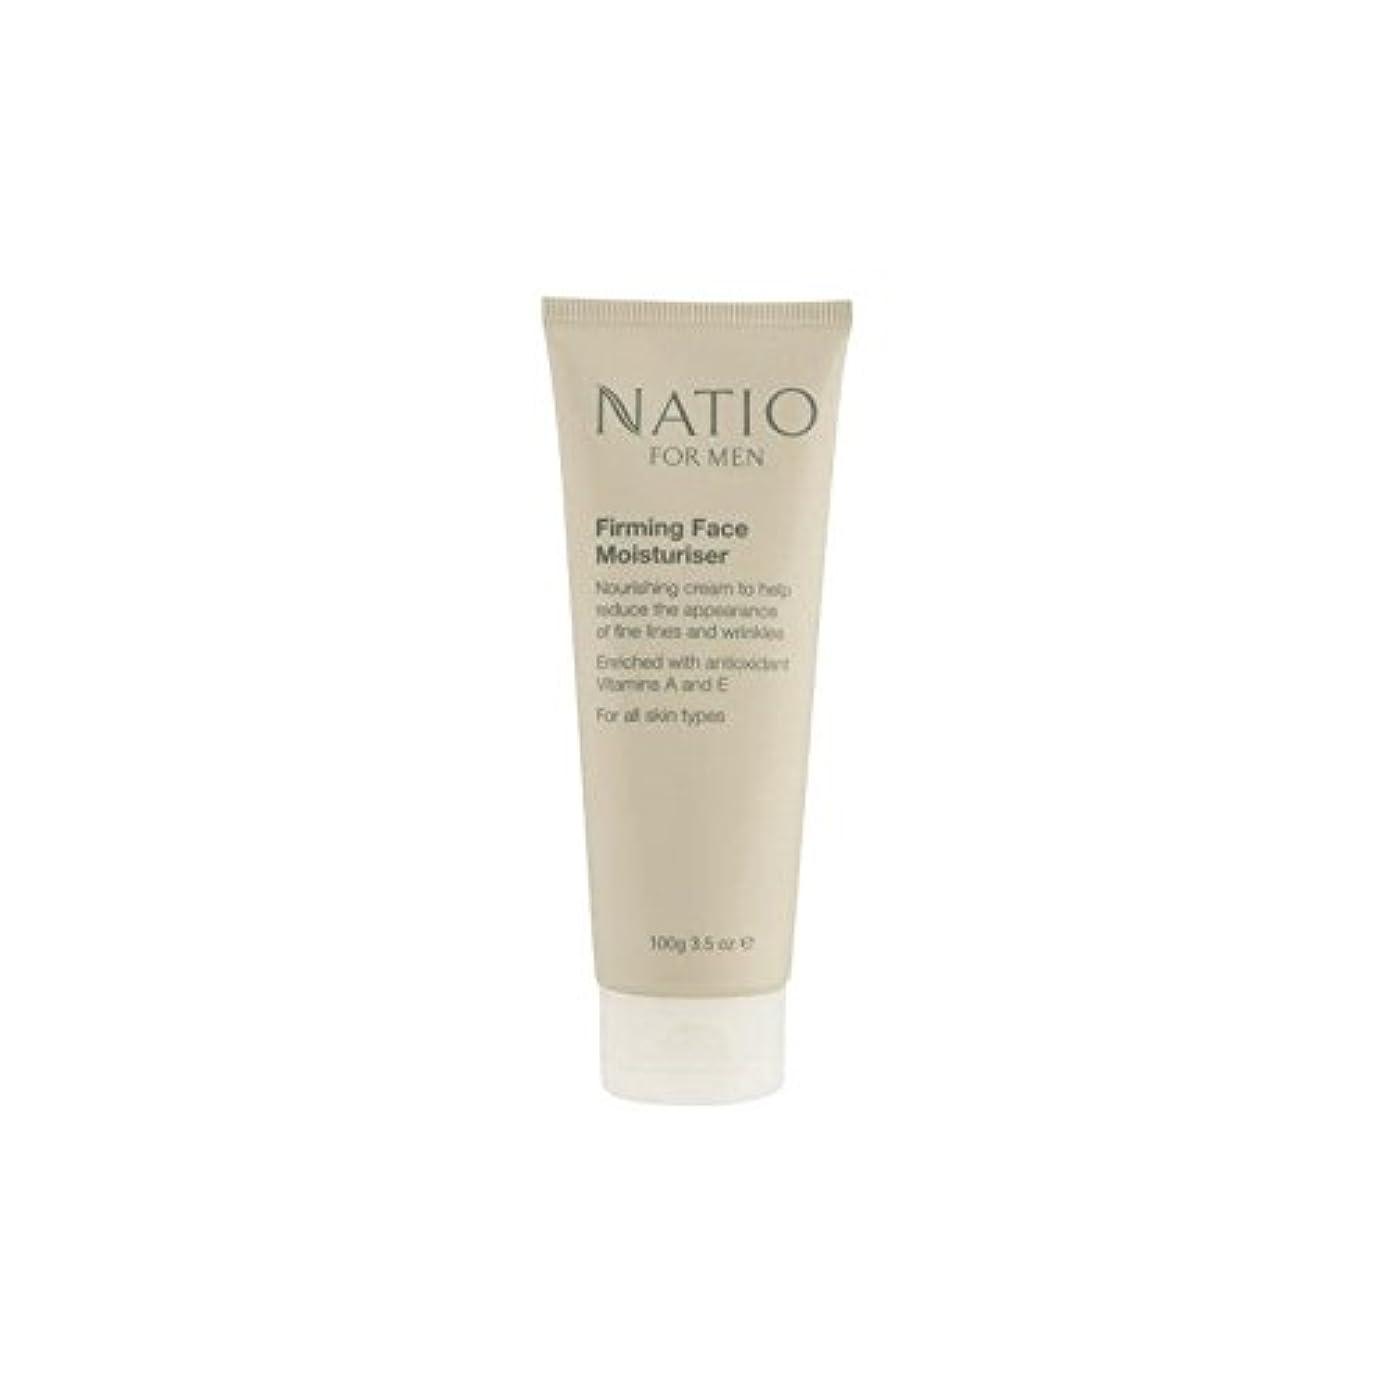 象虫ジャンプするNatio For Men Firming Face Moisturiser (100G) - 顔の保湿剤を引き締め男性のための(100グラム) [並行輸入品]